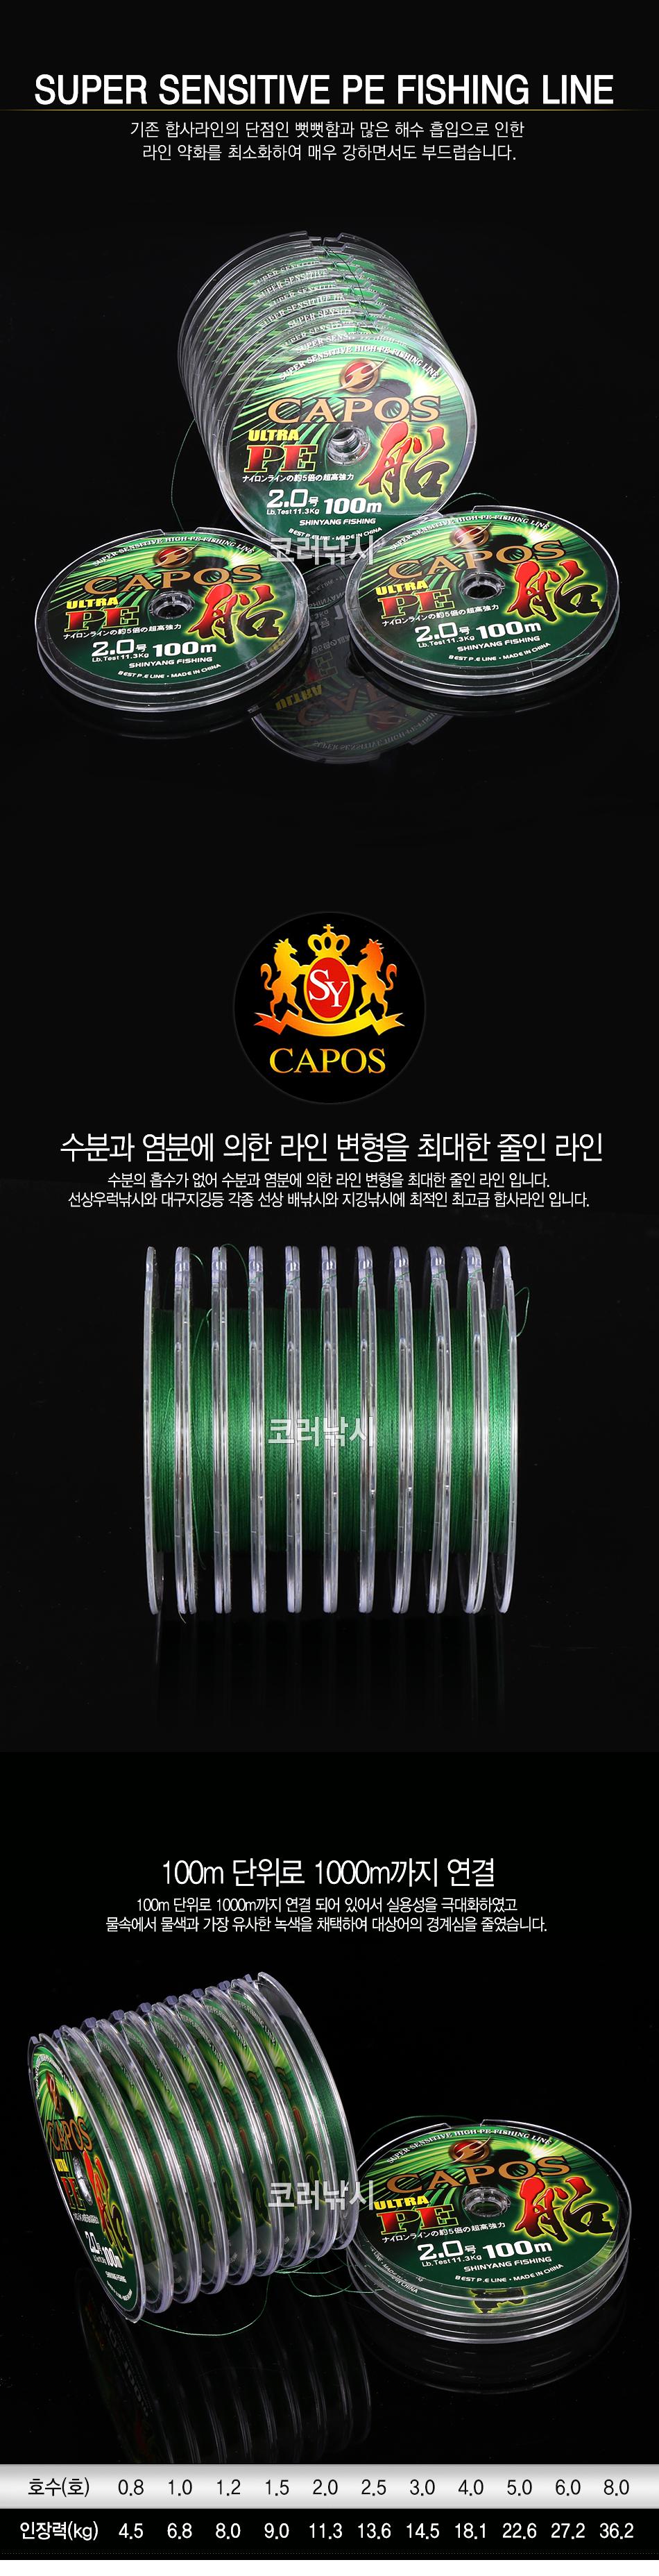 카포스 울트라 PE 선 연결합사100m 그린 우럭합사 선상합사 칼치합사 루어합사 벌크합사